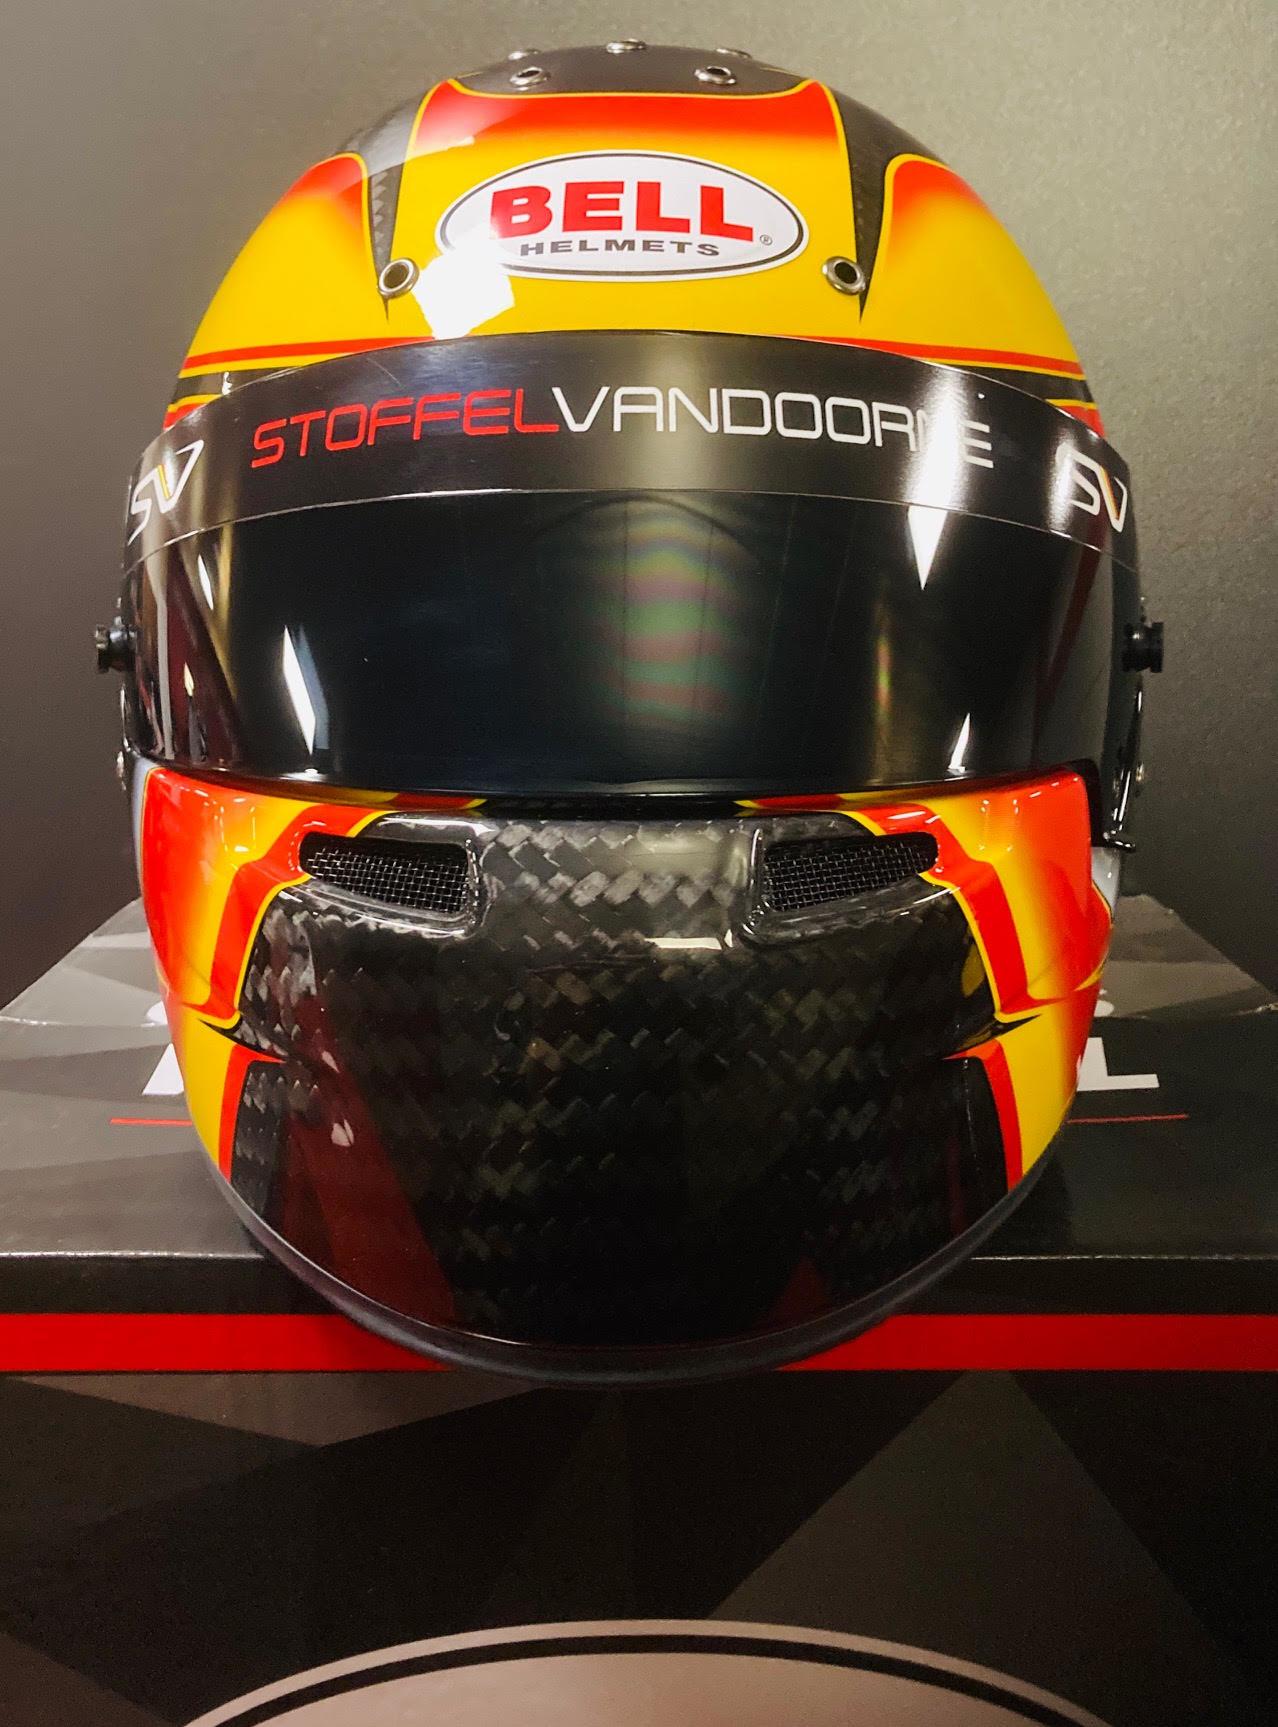 Bell Helmets Casque F1 Replica Helmet 1:1 Stoffel Vandoorne 2018